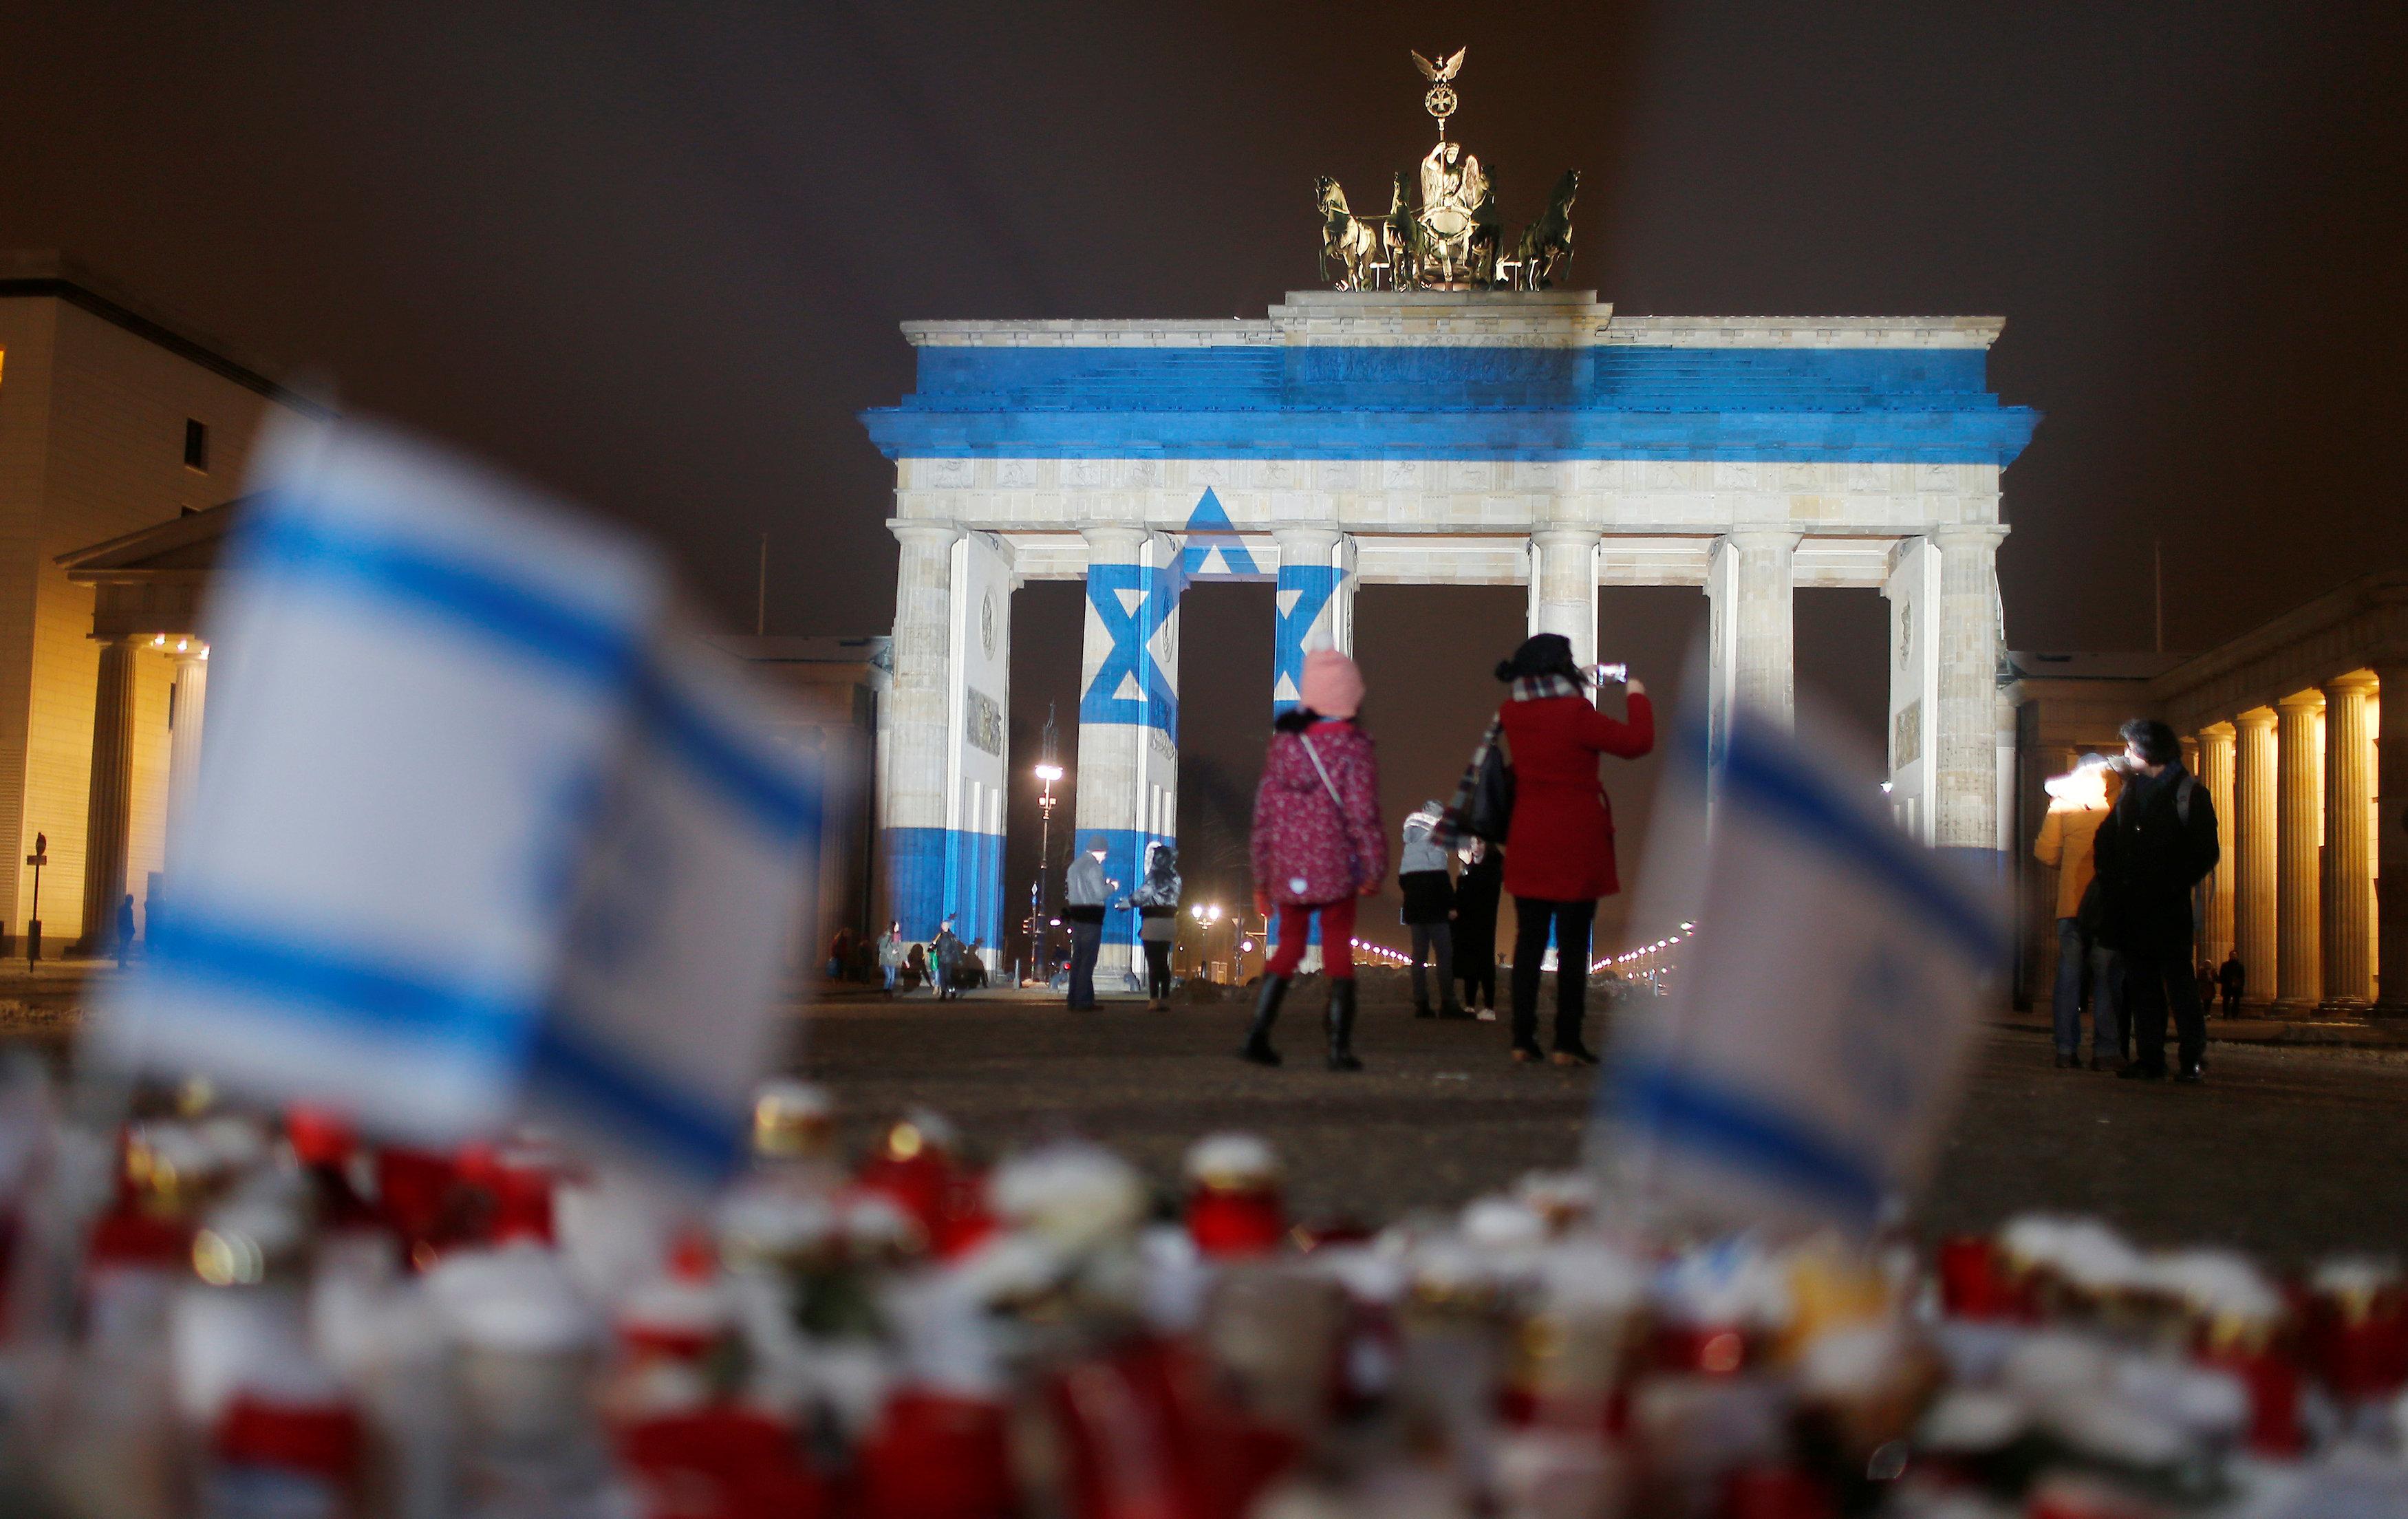 إضاءة بوابة برومبرج الألمانية بعلم إسرائيل تضامنا مع حادث الدهس الذى أودى بحياة 4  جنود إسرائيليين